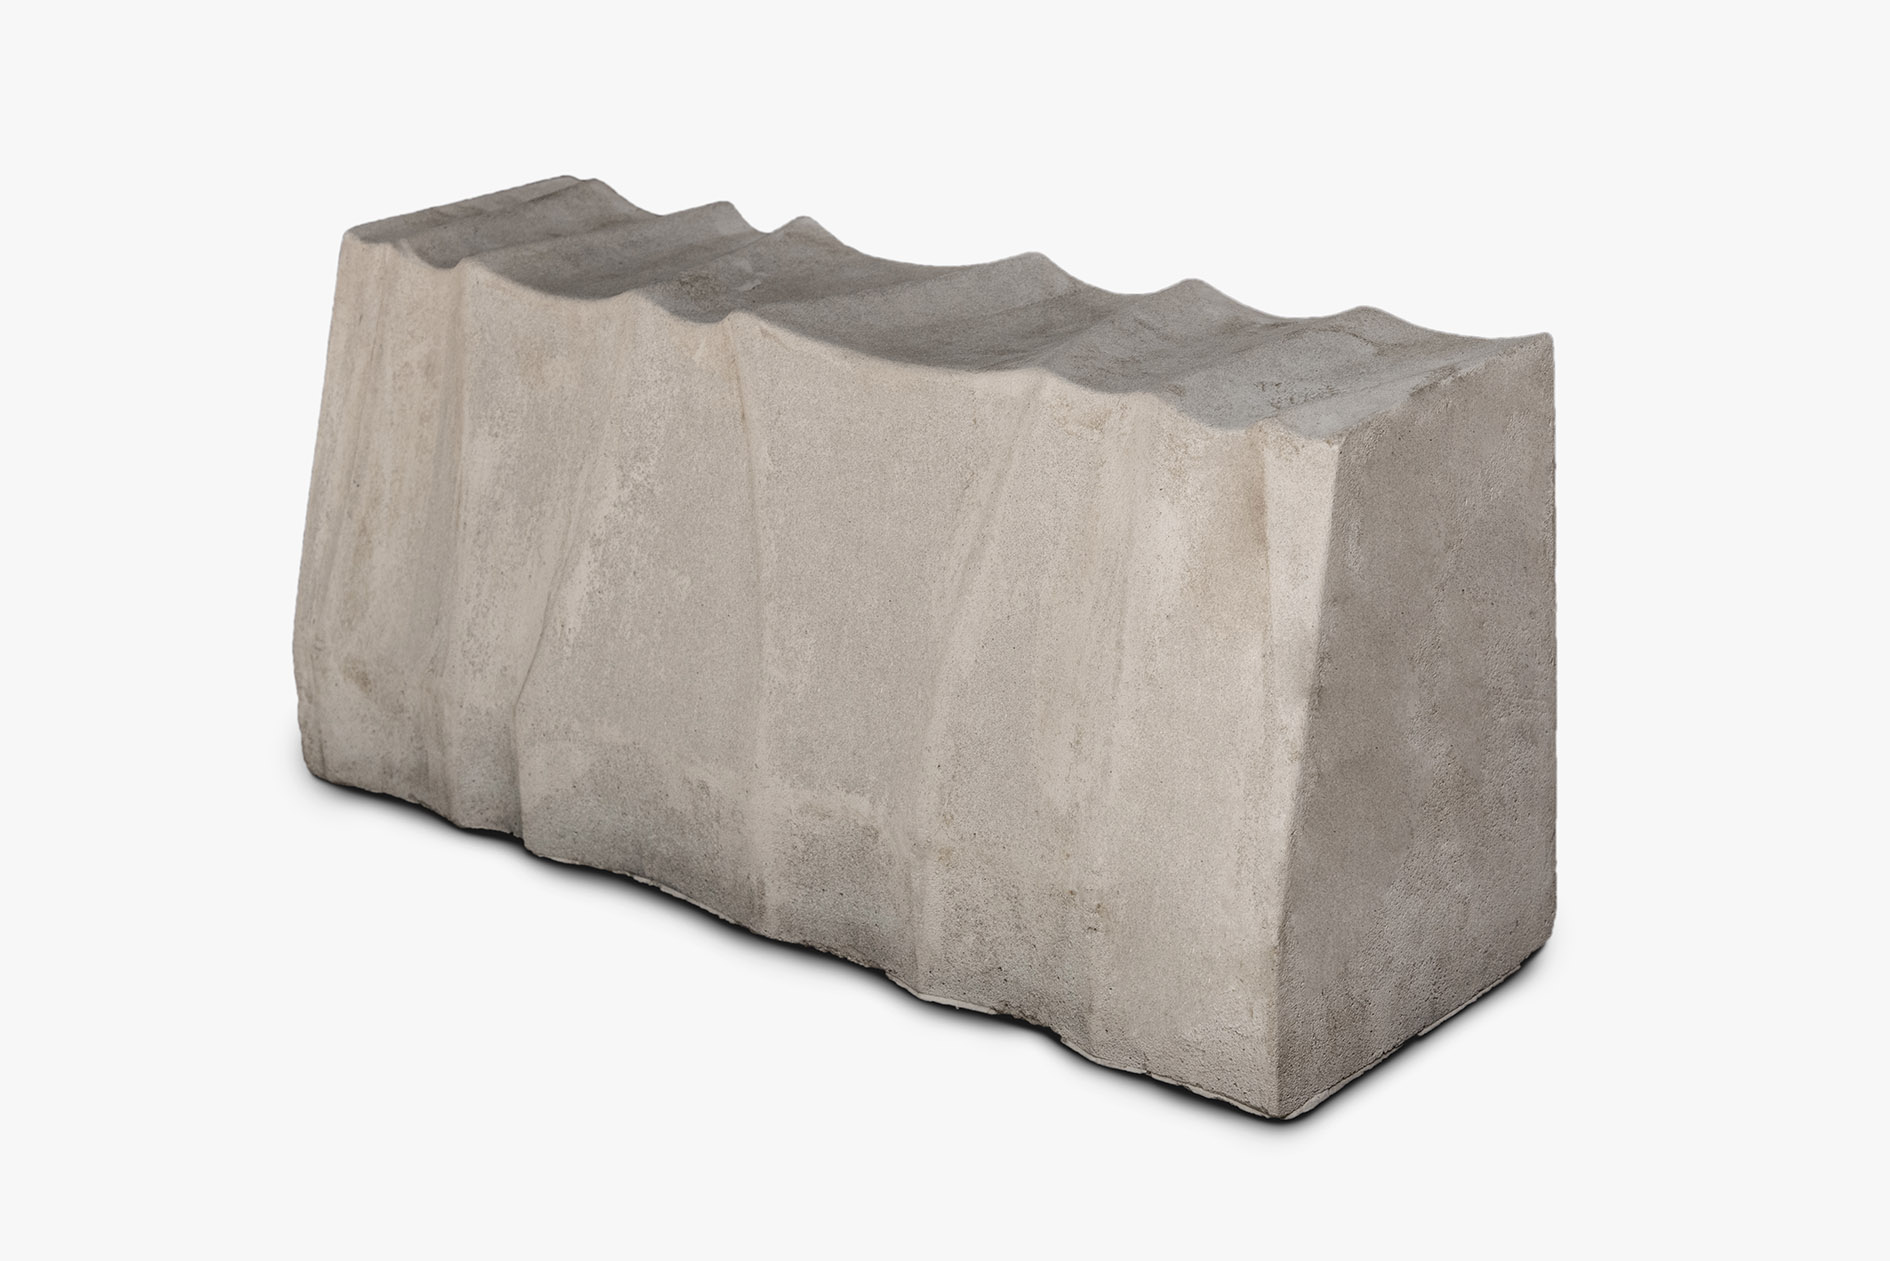 緣石-蝕岩面 [L60*W(15,20.5)*H27cm]